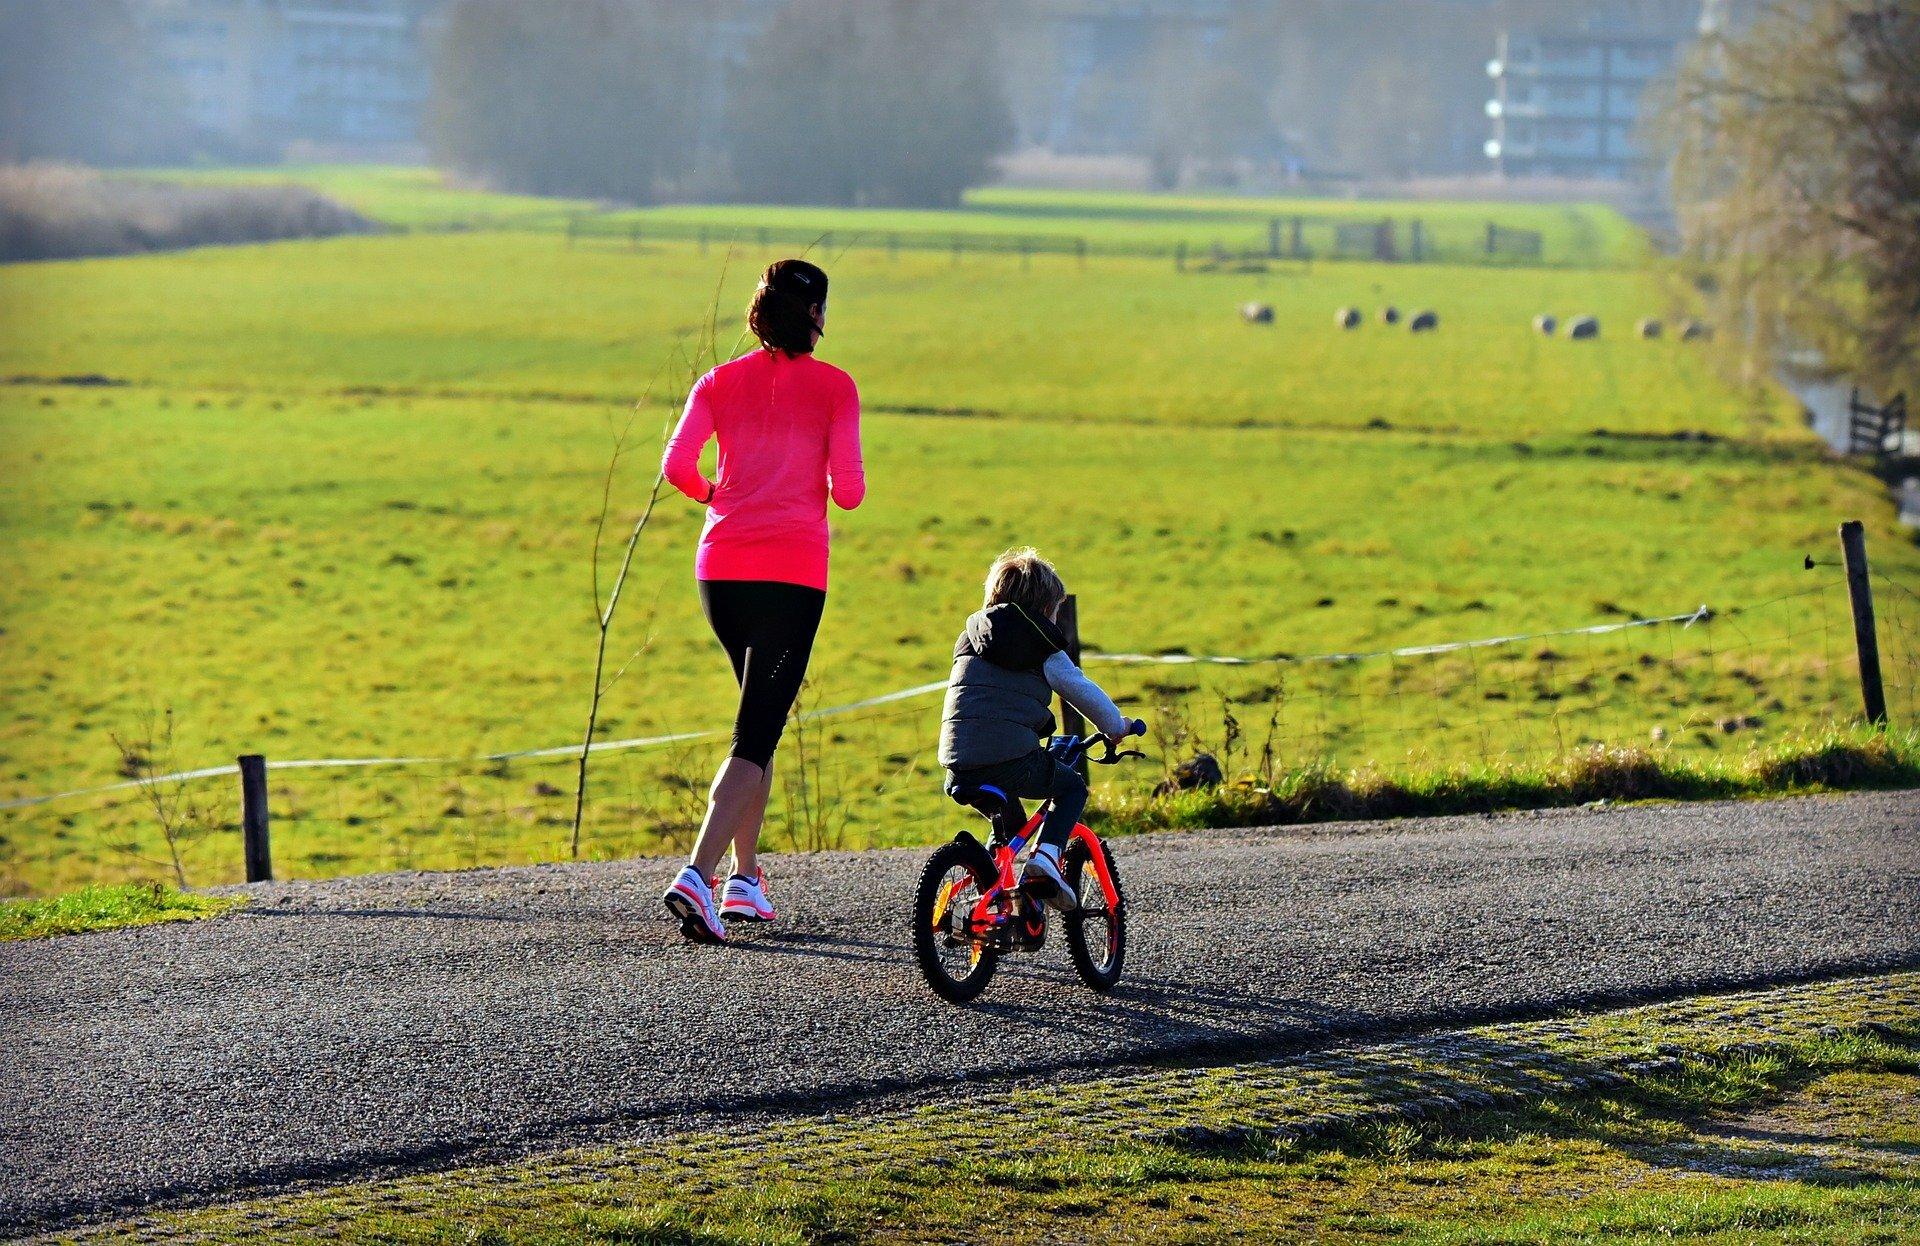 mum running with child on bike